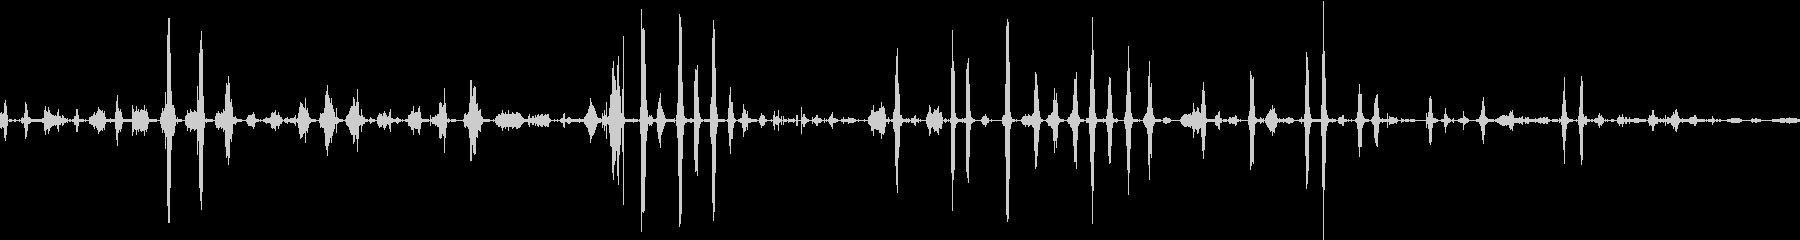 ピットブル犬綱引きの意味のうなり声と樹皮の未再生の波形